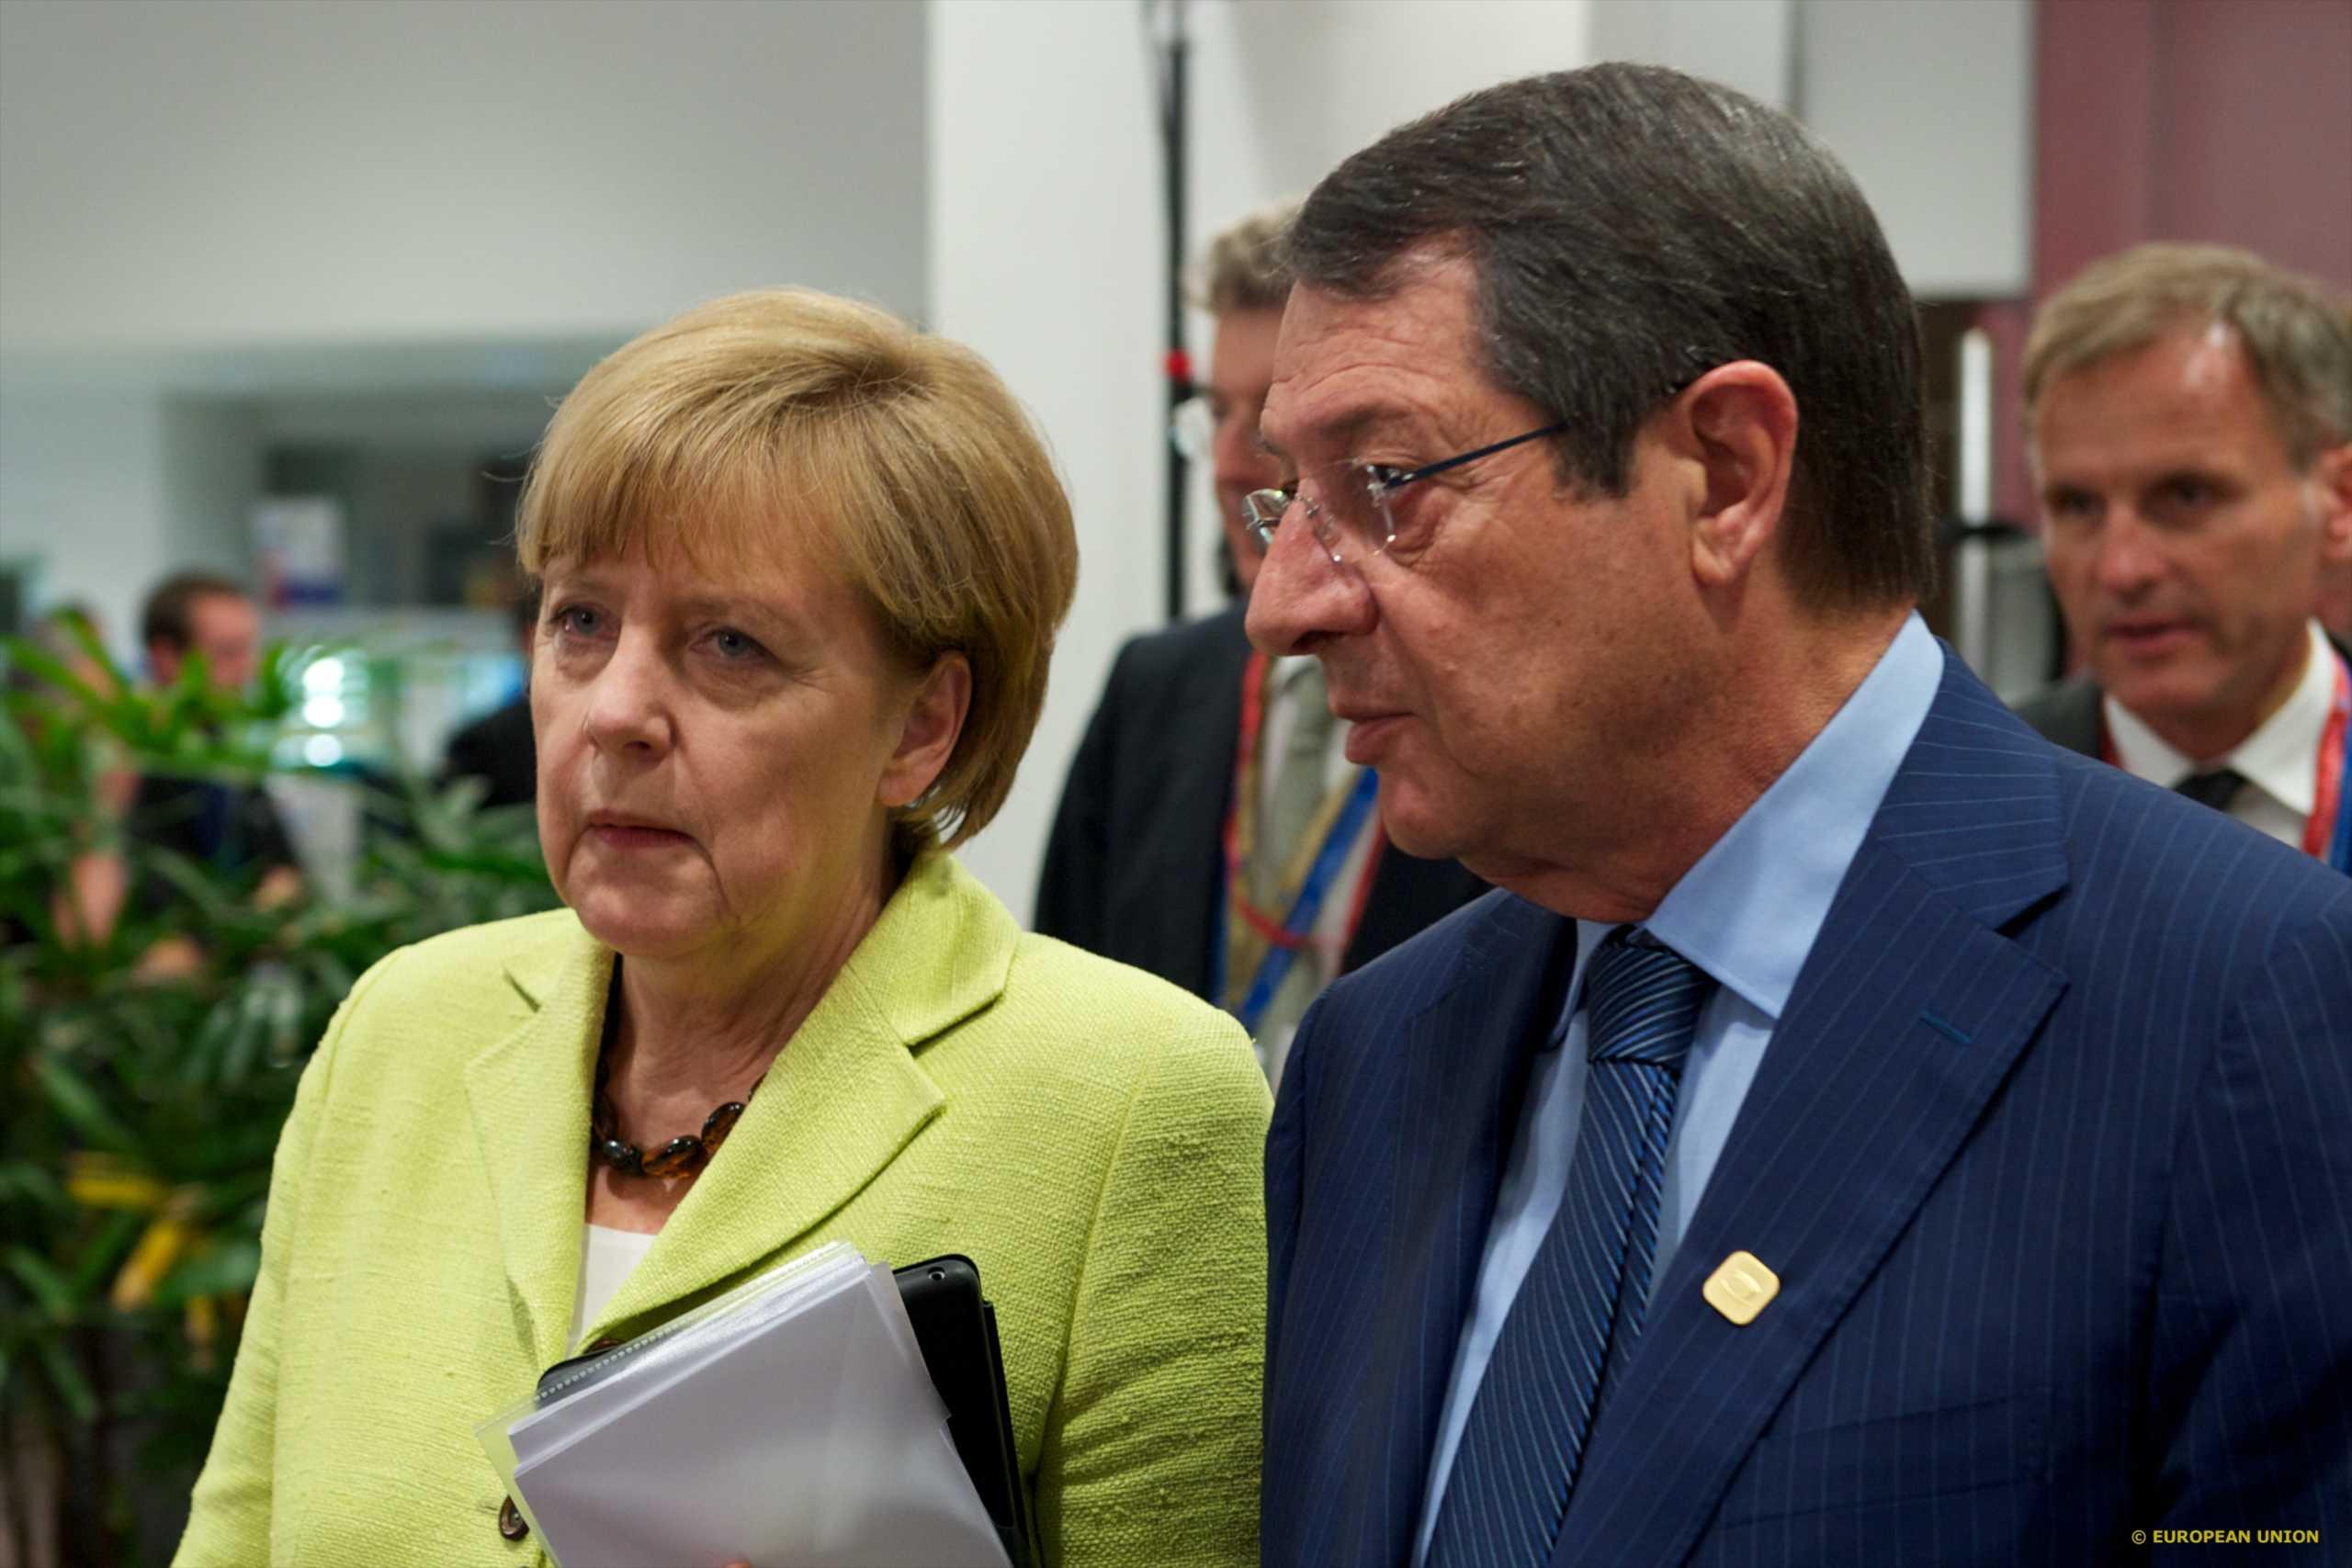 Αναστασιάδης: Ζήτησα από τη Μέρκελ να μεσολαβήσει για να σταματήσουν οι τουρκικές προκλήσεις